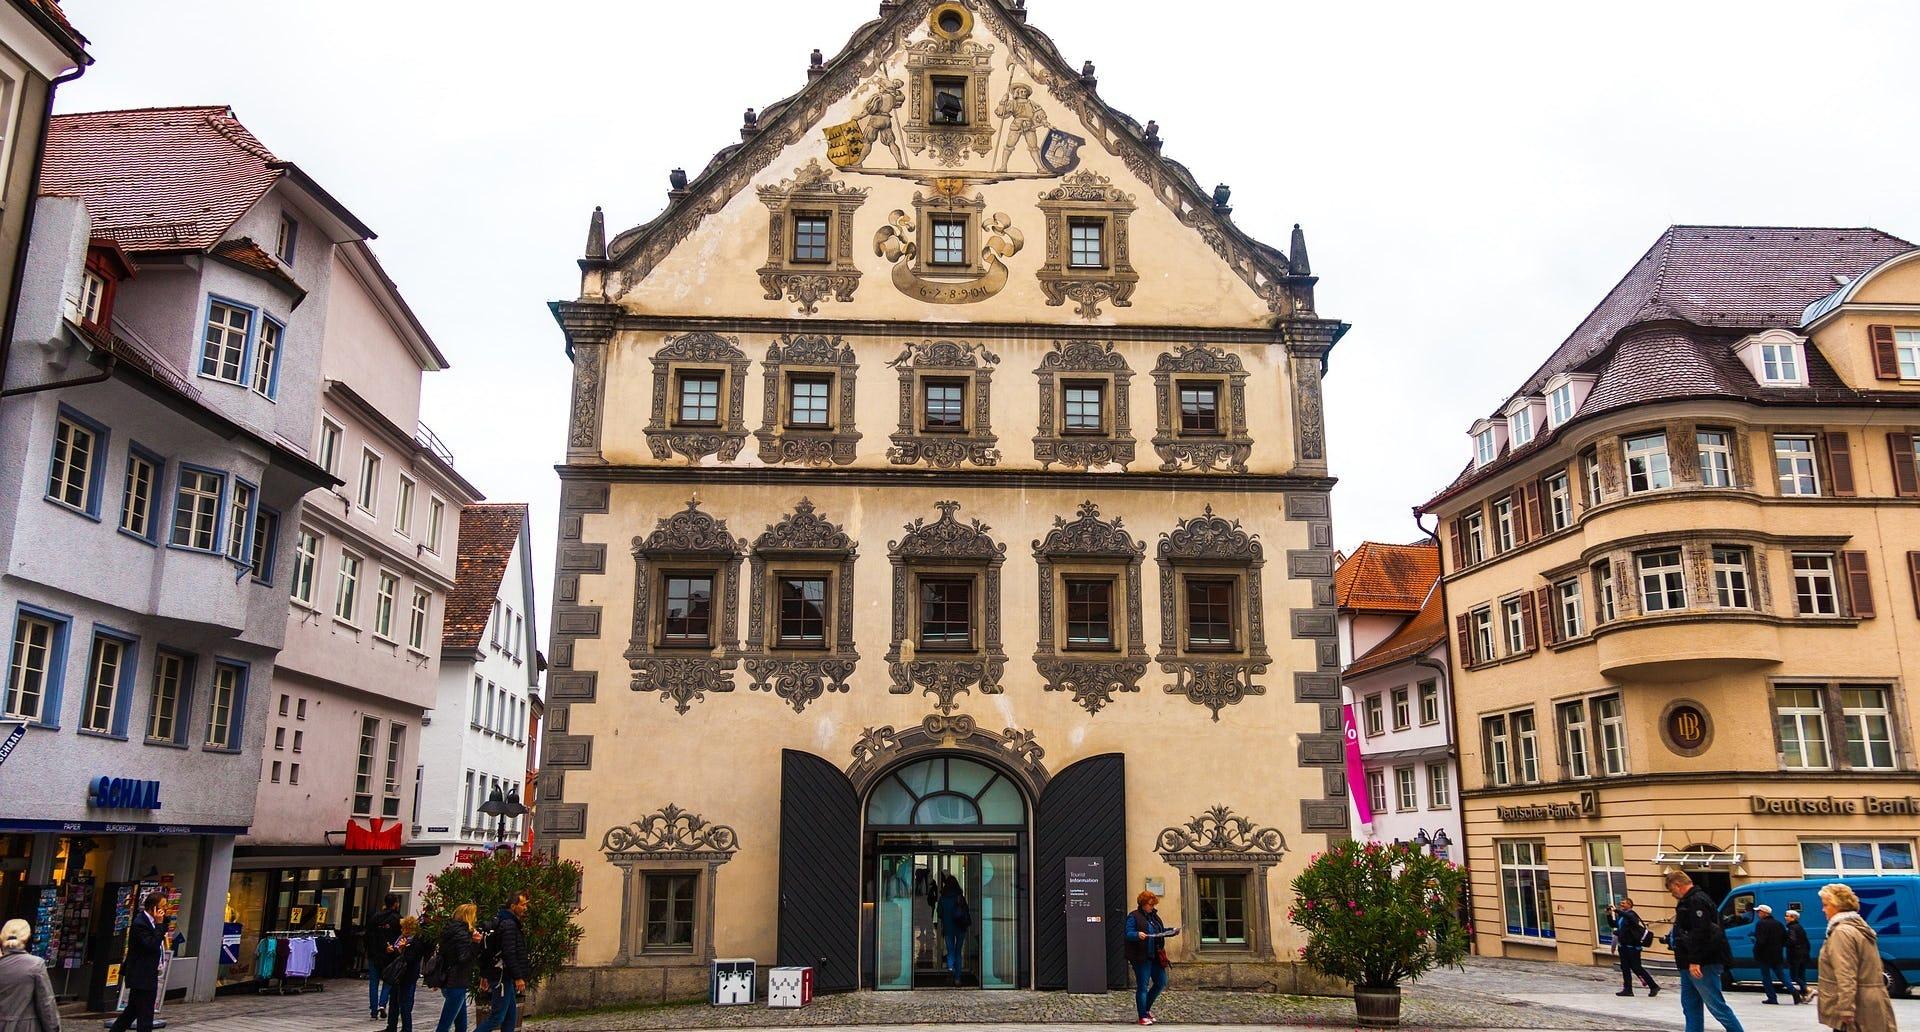 Ravensburg Altstadt Ramsauer Carreisen Weihnachtsmarkt